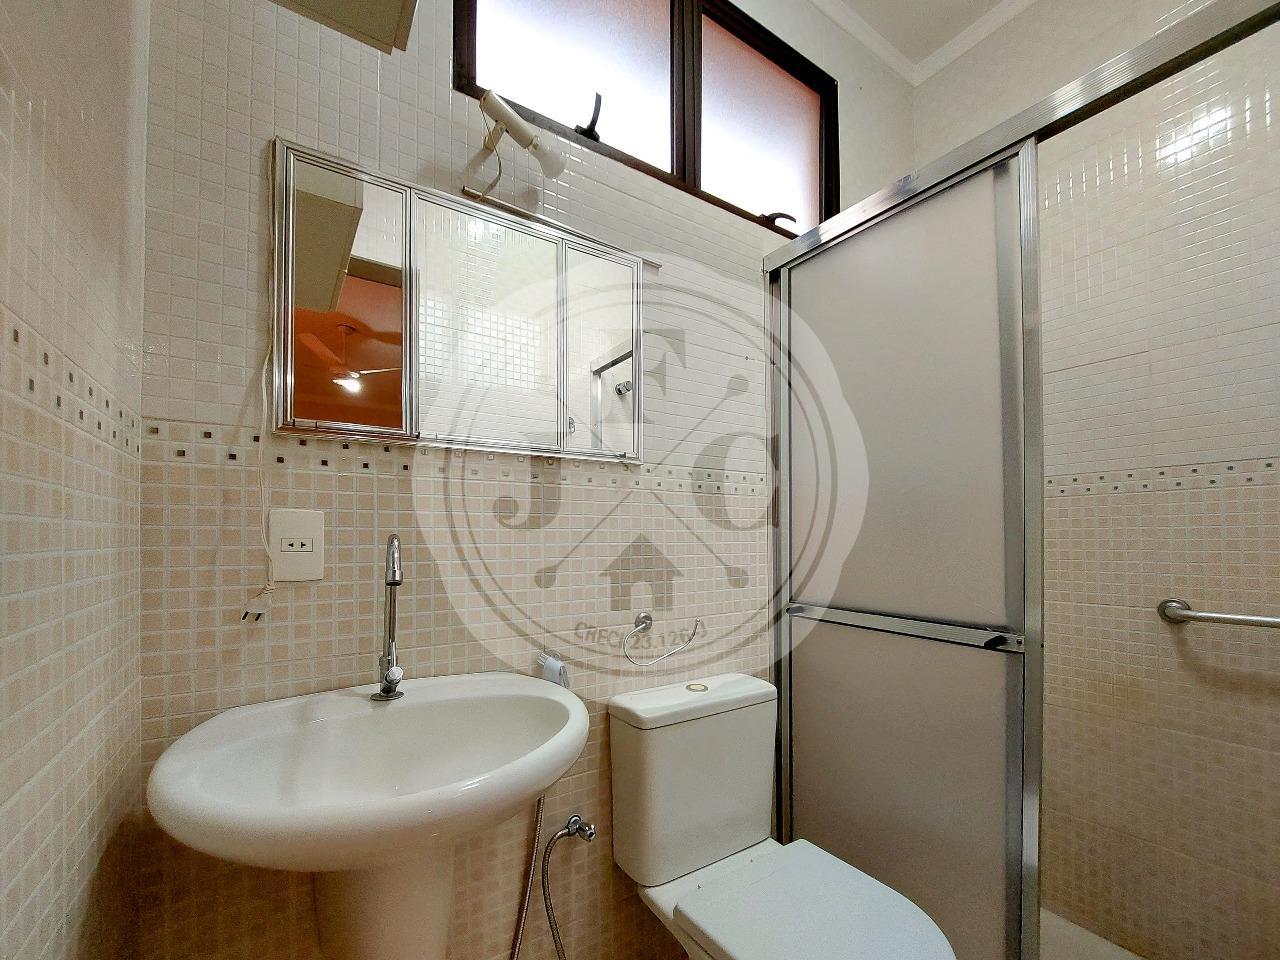 Casa em Condomínio à venda no Condomínio Santa Helena: Suíte 1- Banheiro